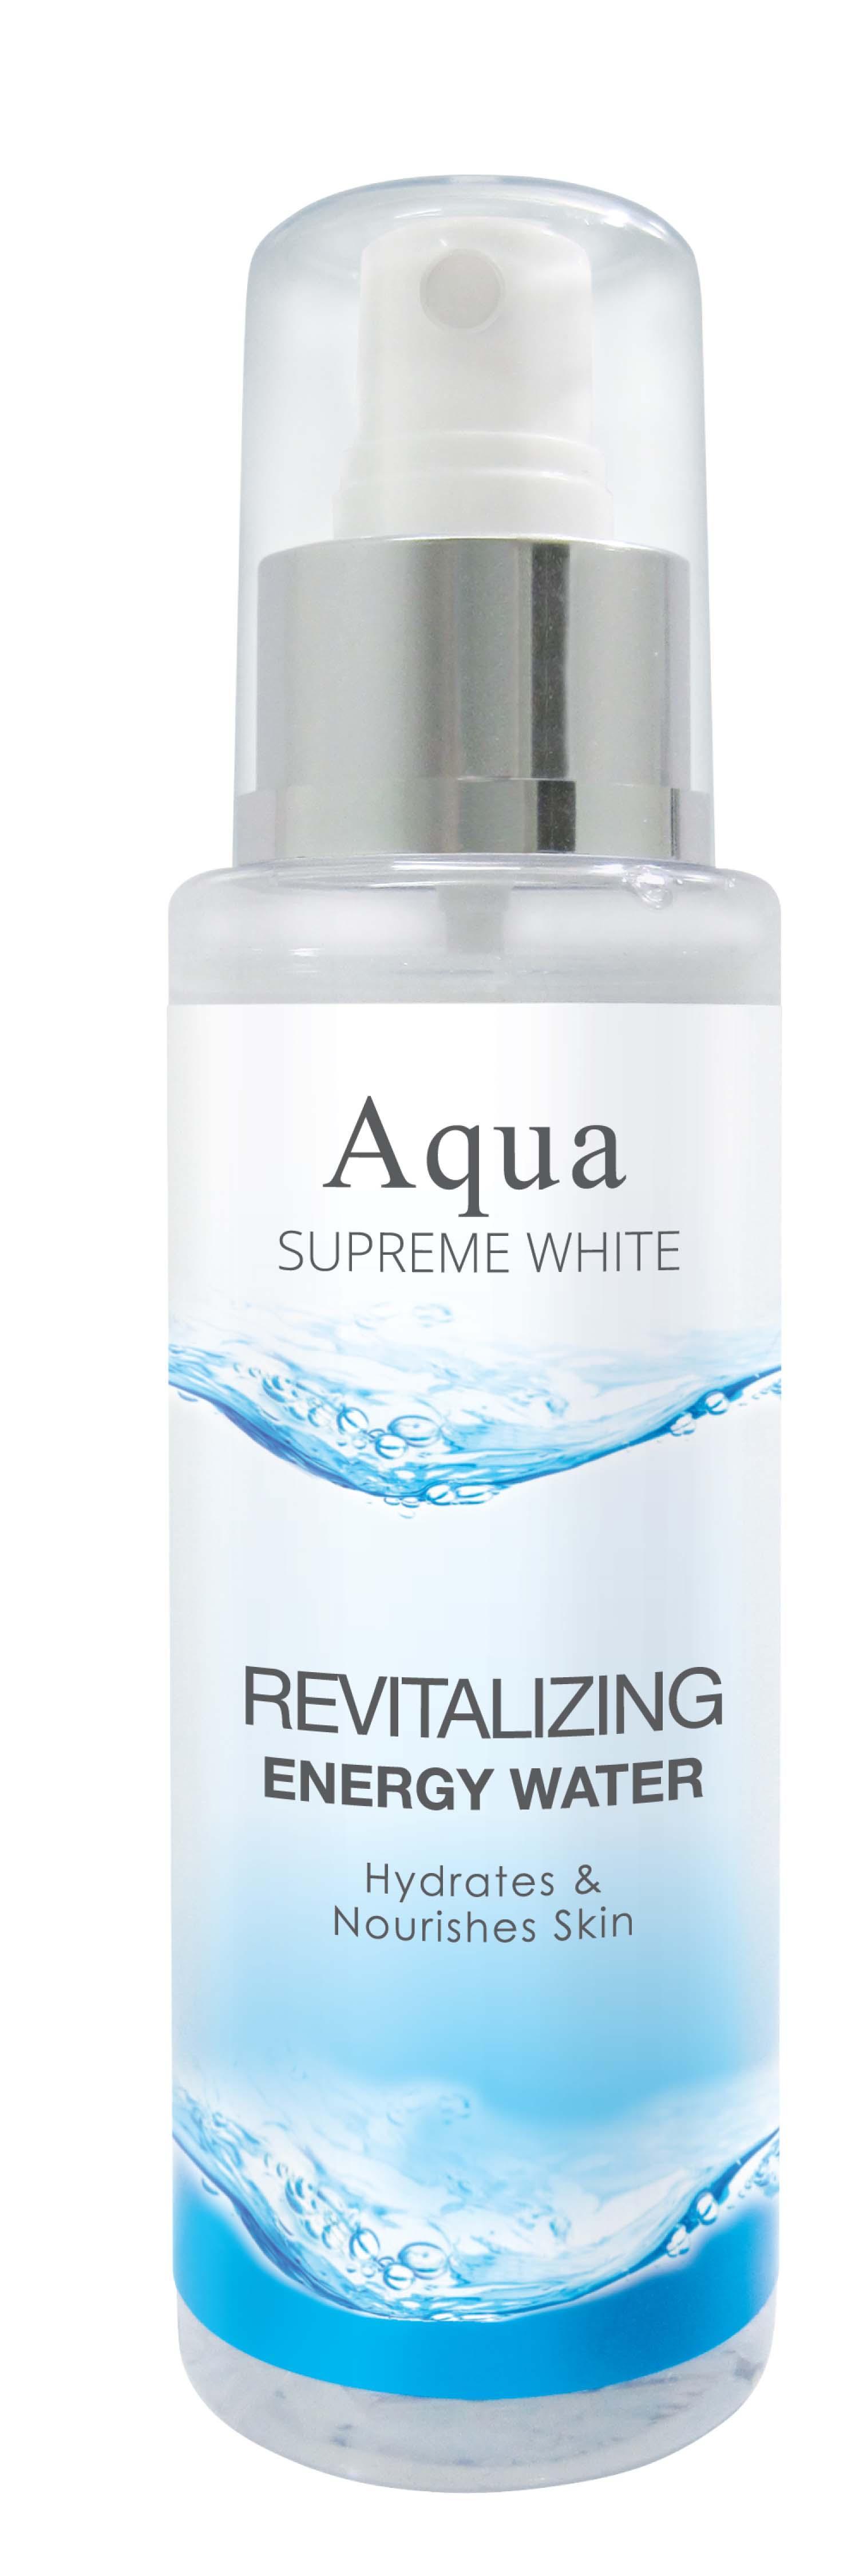 Aqua Supreme White Revitalizing Water (100ml)